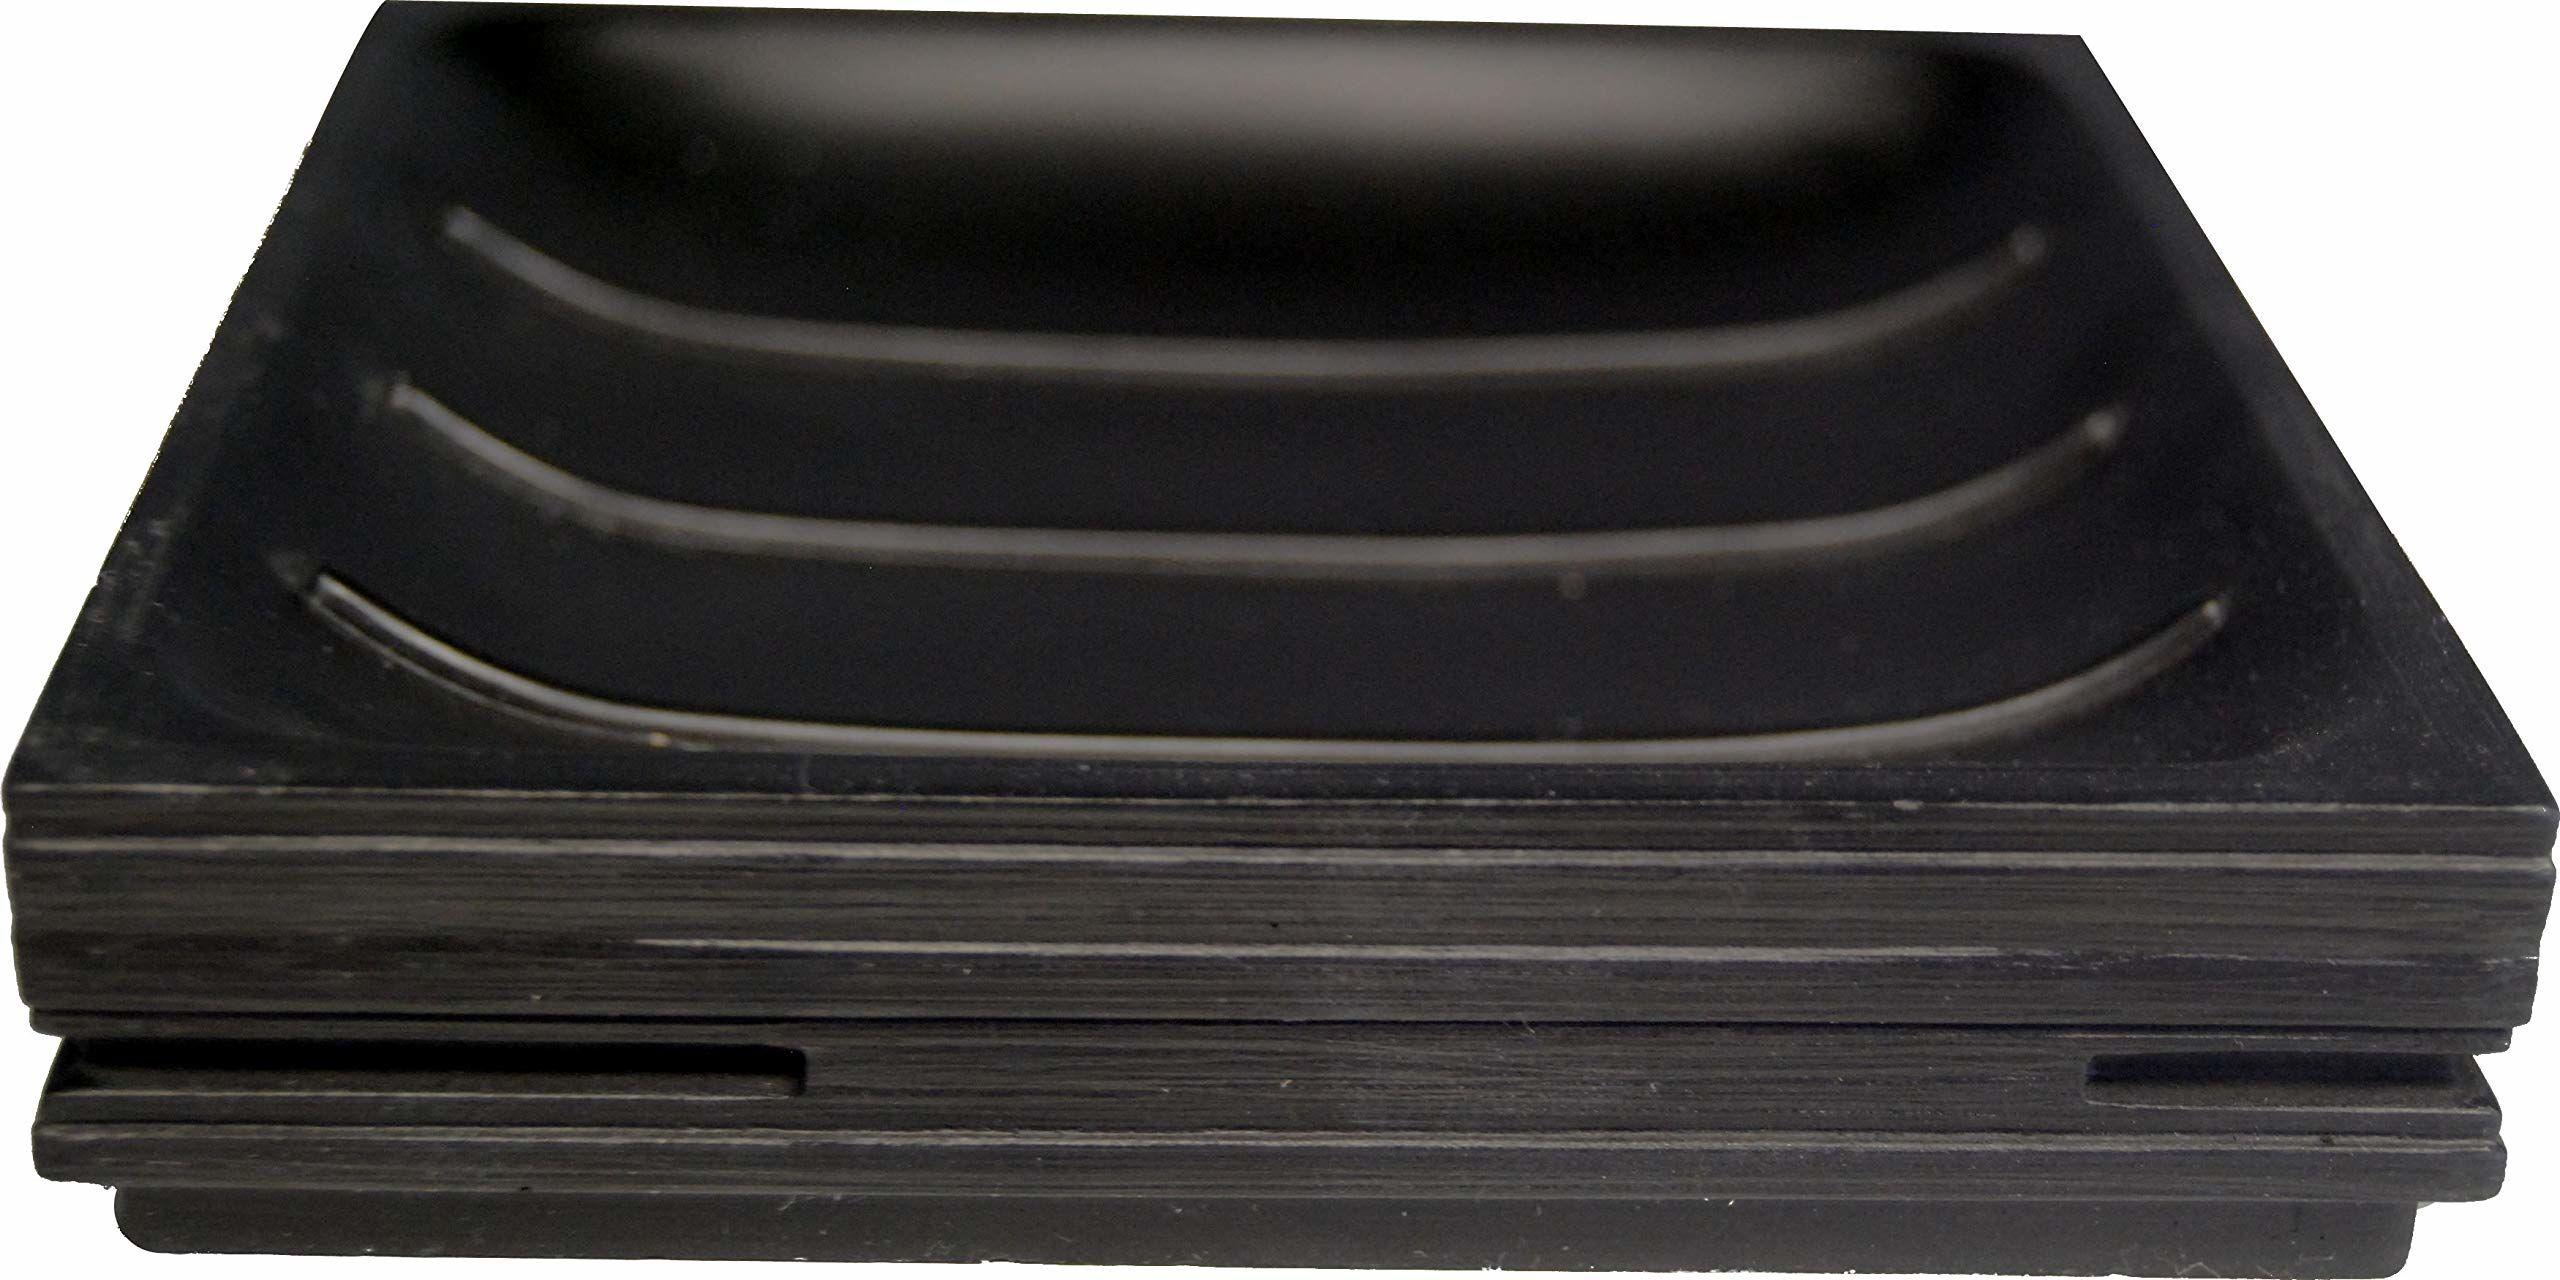 Grund BRICK mydelniczka 11,6 x 11,6 x 2,6 cm czarne akcesoria, 100% żywica poliestrowa, 6 x 11,6 x 2,6 cm